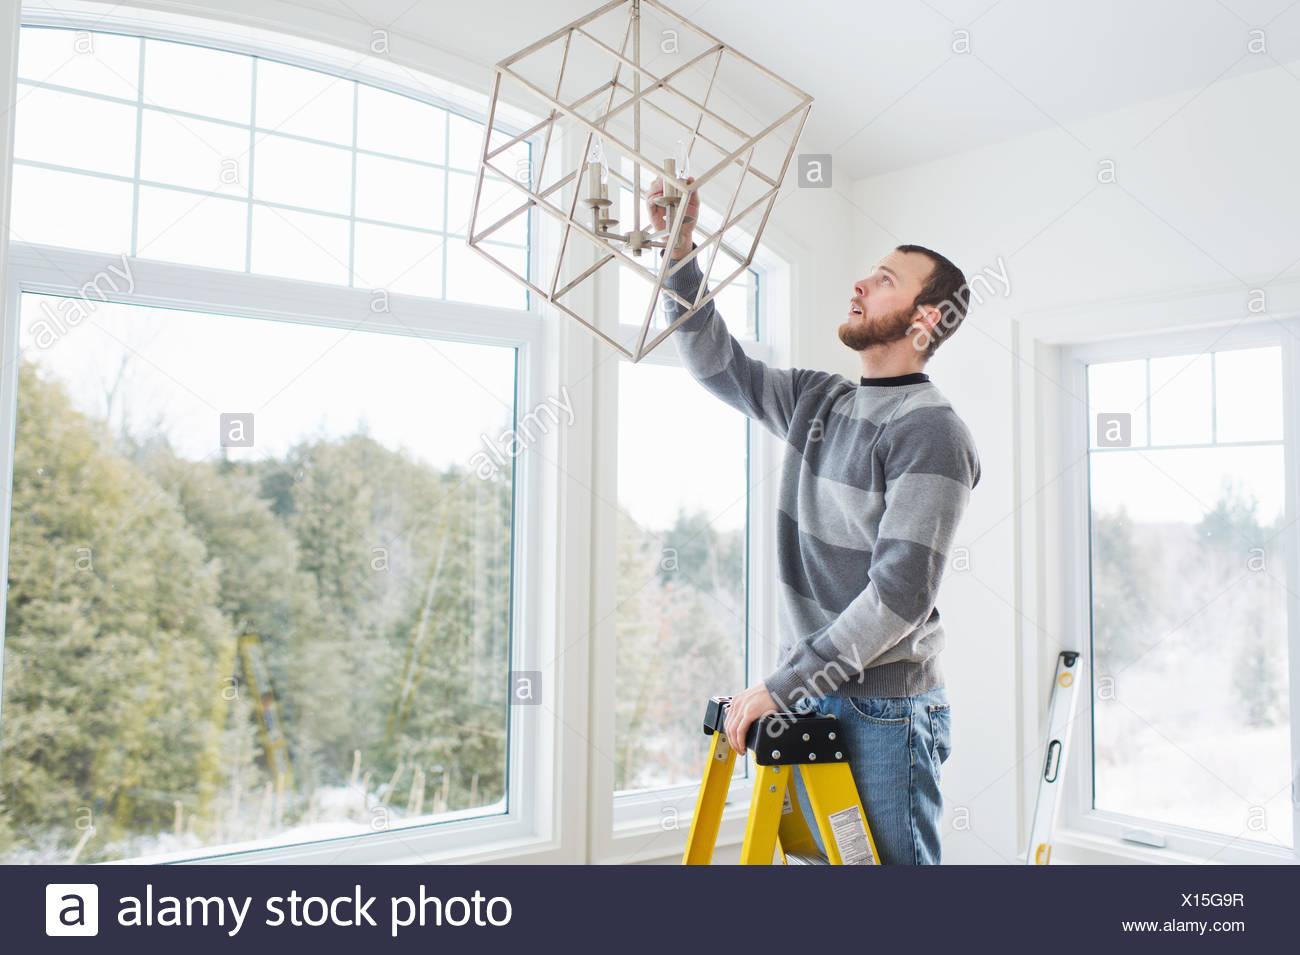 Jeune homme l'installation d'éclairage de plafond Photo Stock